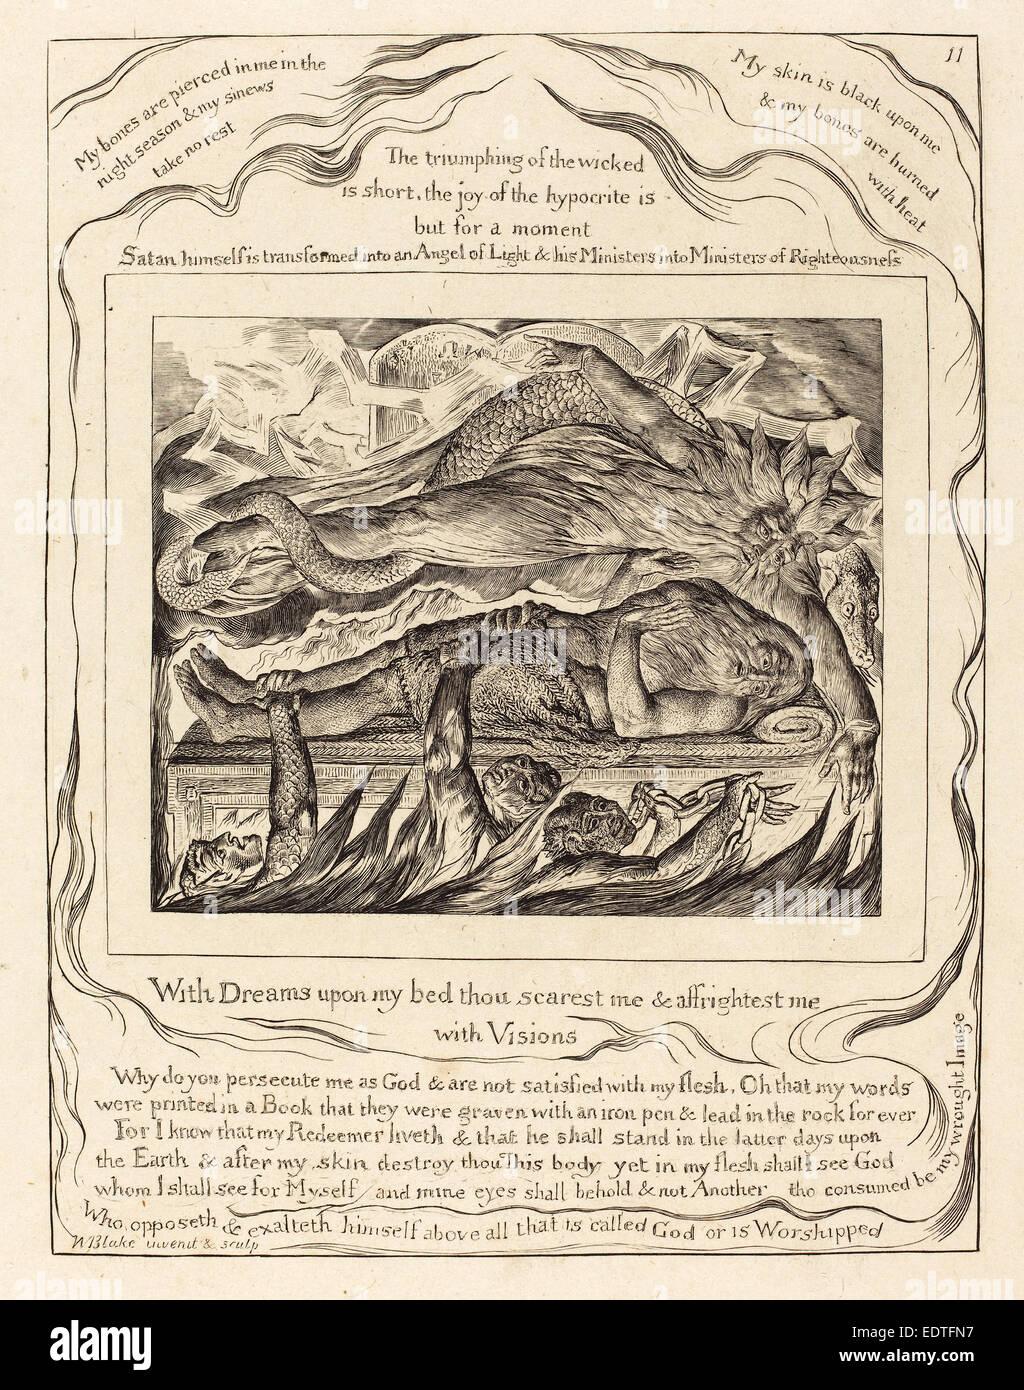 William Blake (Britisch, 1757-1827), Hiobs böse Träume, 1825, Gravur Stockbild